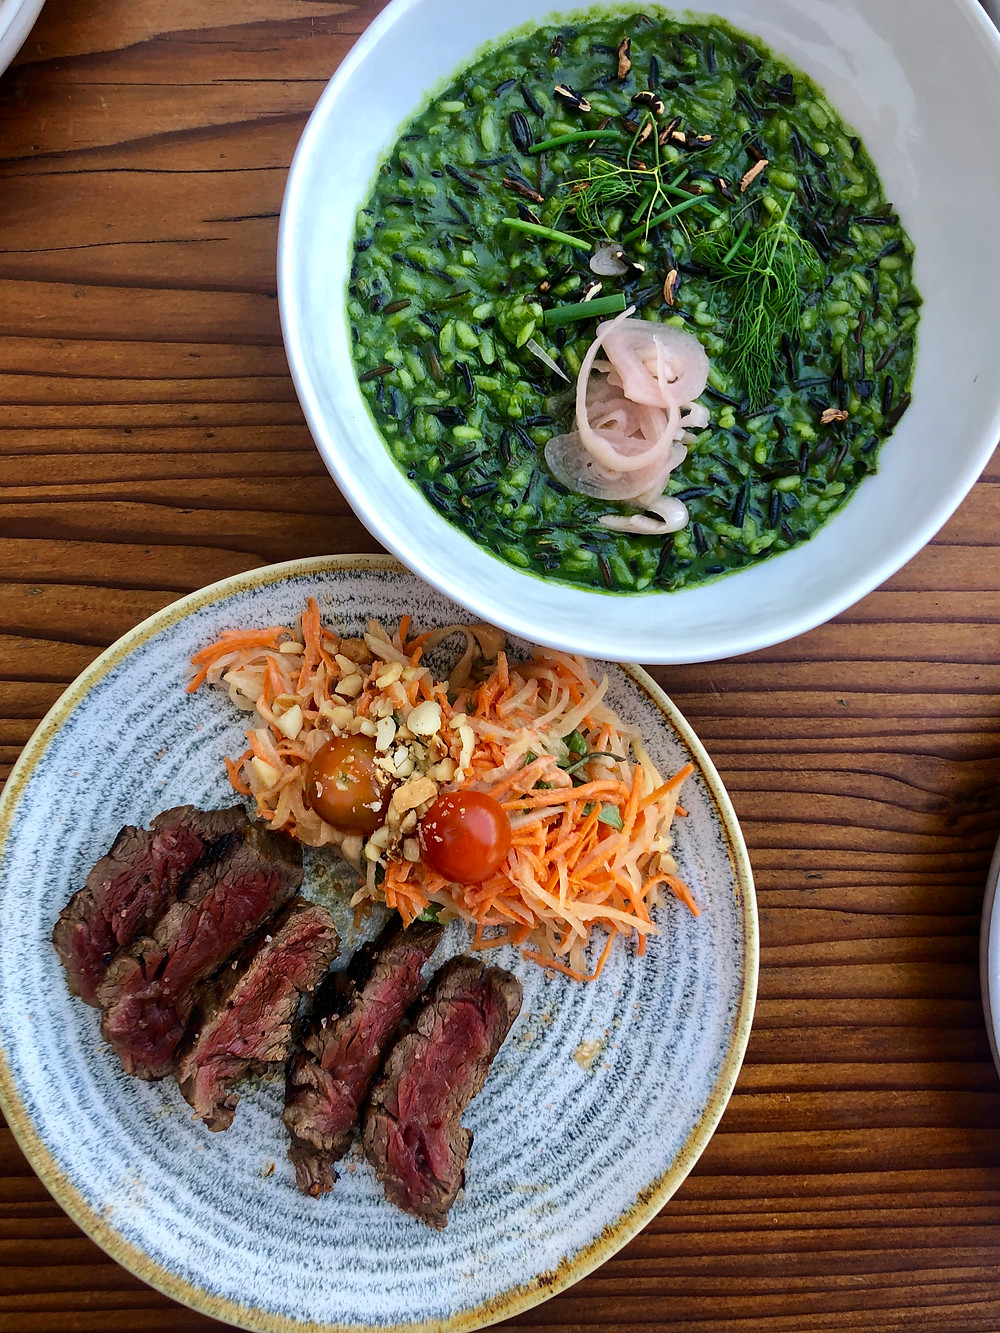 Healthy Meals on Maui